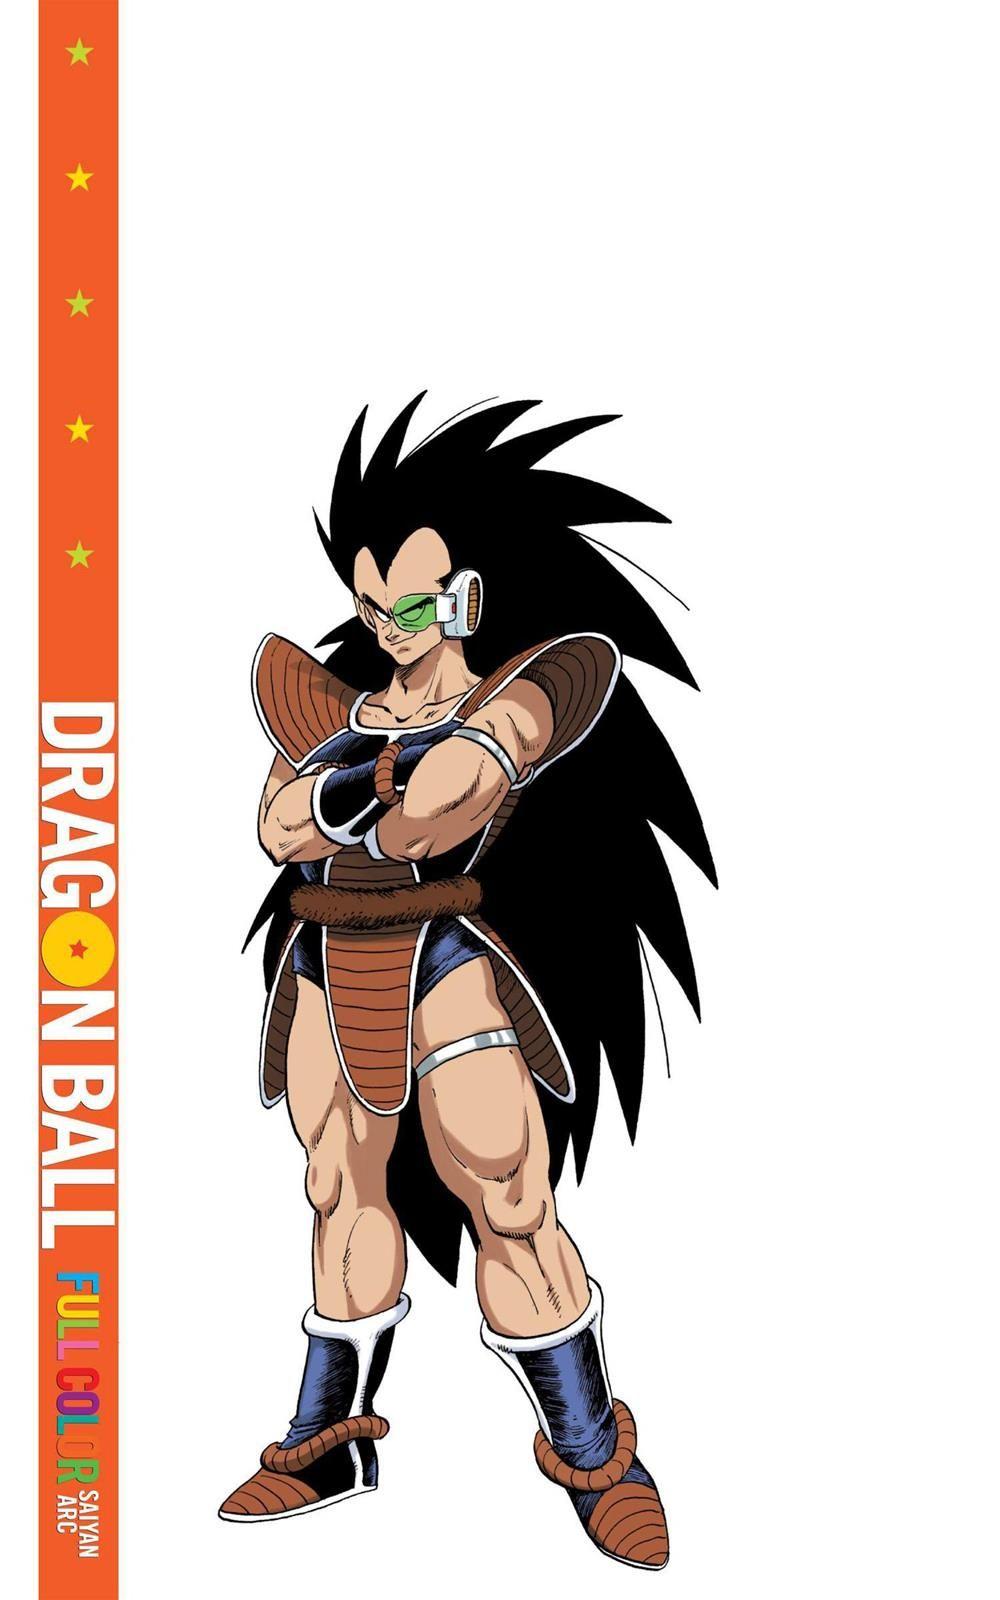 Dragon Ball Full Color Saiyan Arc Chapter 1 Page 4 Anime Dragon Ball Super Dragon Ball Dragon Ball Super Goku